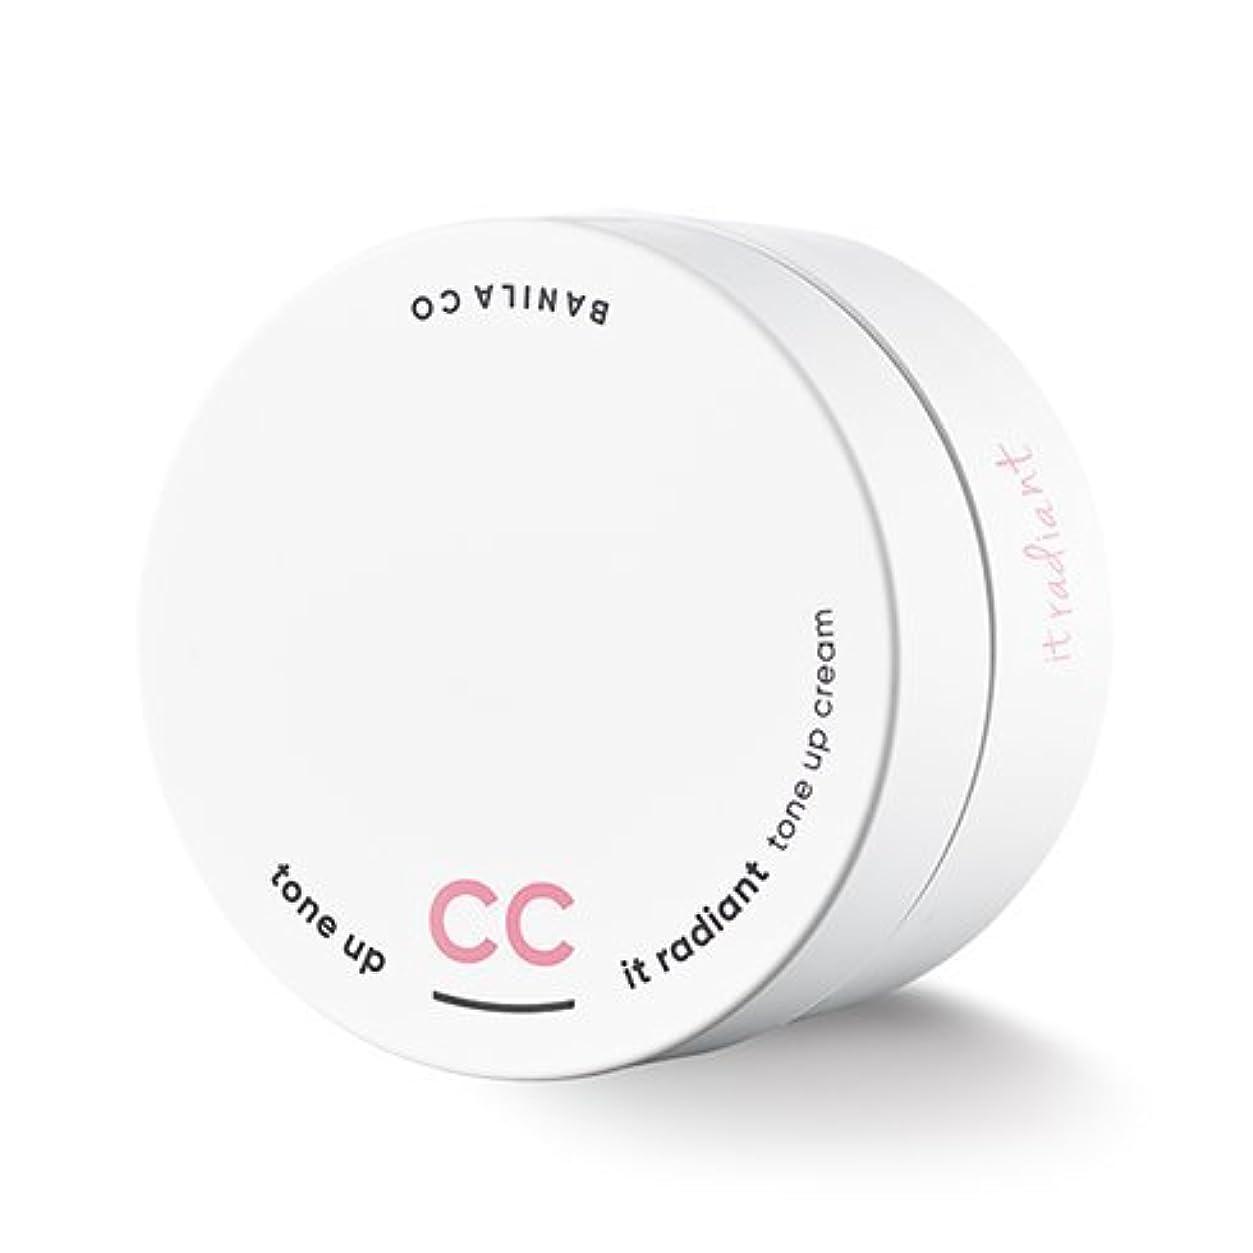 テーブル断片絵BANILA CO It Radiant CC Tone Up Cream 50ml/バニラコ イット ラディアント CC トーンアップ クリーム 50ml [並行輸入品]